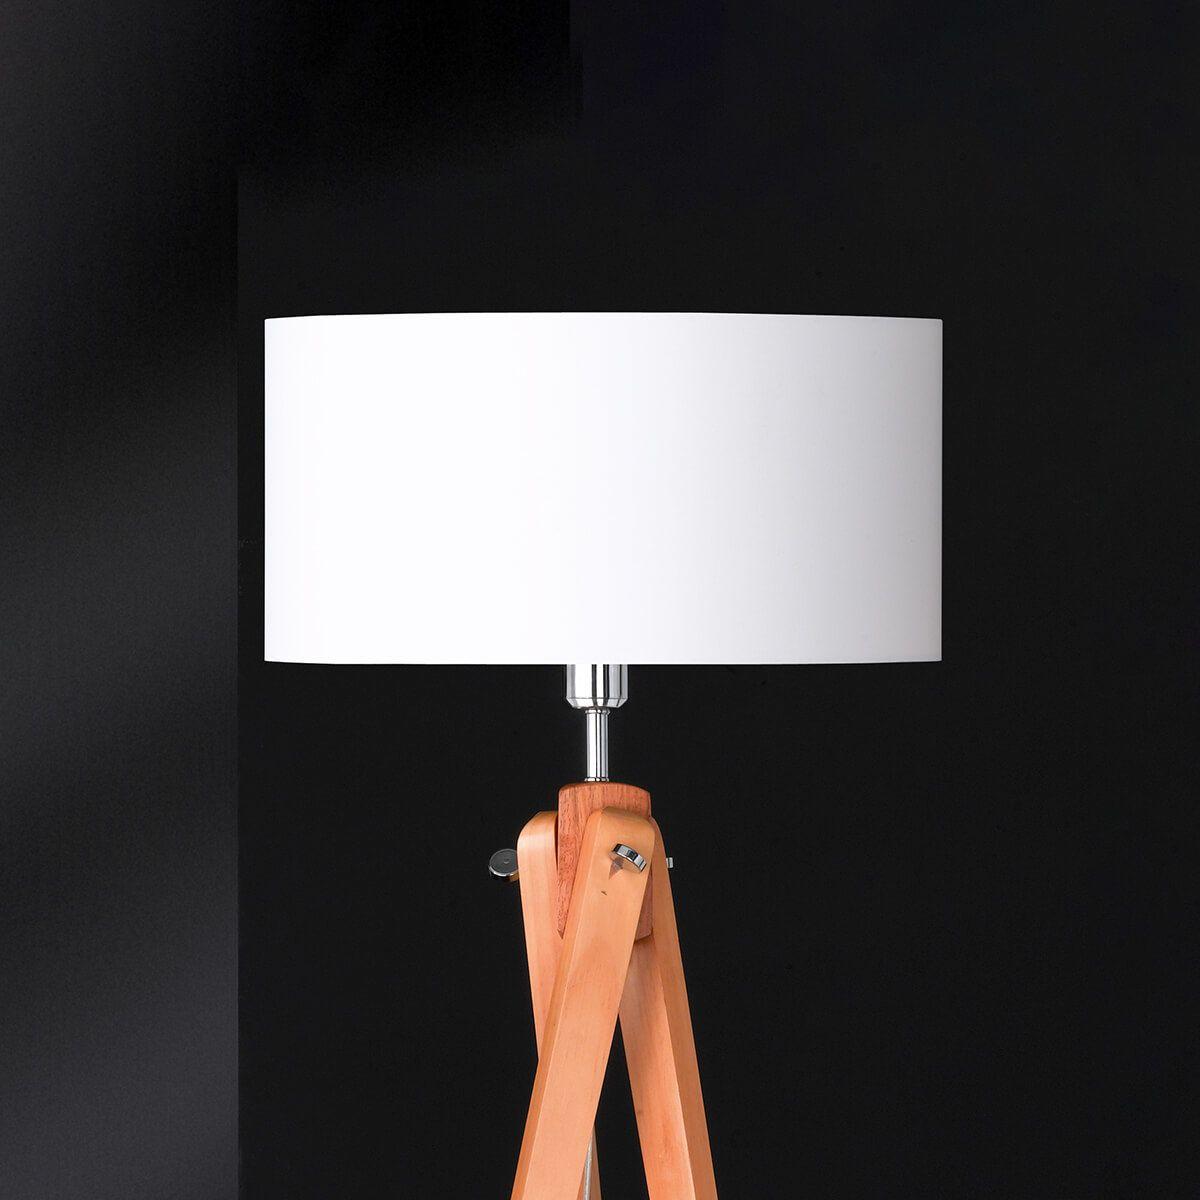 Dreibeinige Stehleuchte holz stehleuchte | stehlampe mit holz stehlampe holz mit leselampe